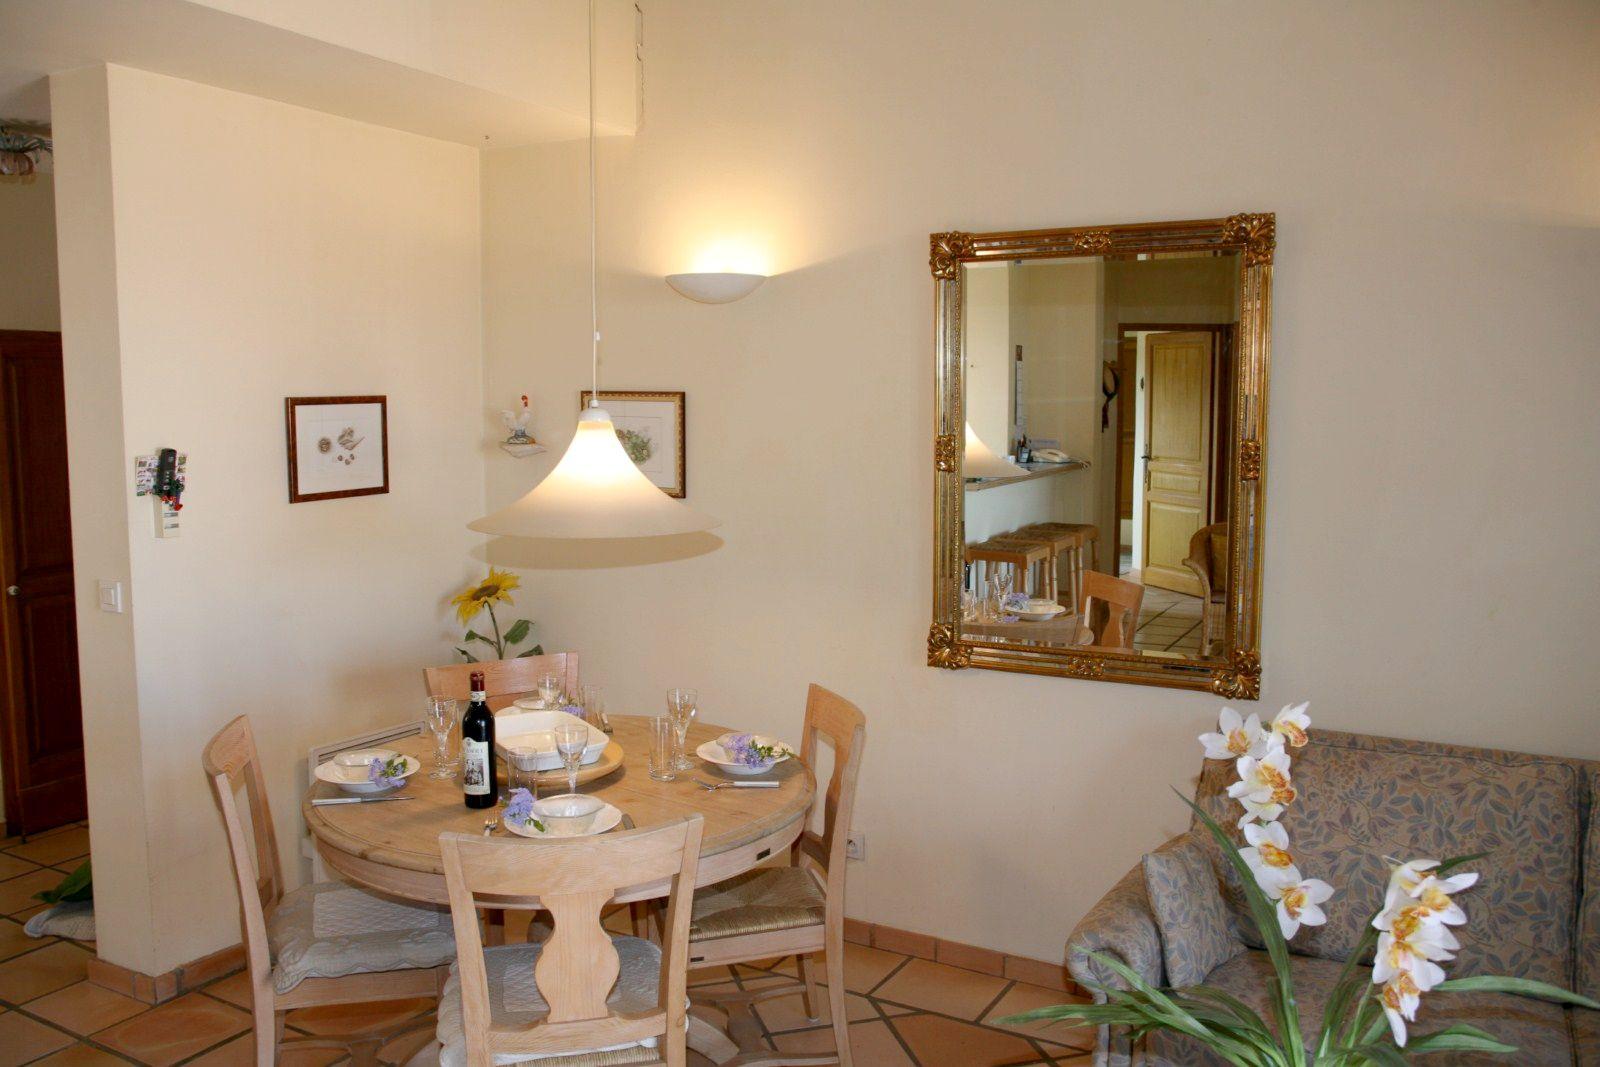 Dans le golf de pont royal un appartement t3 en provence 2 - La salle a manger salon de provence ...